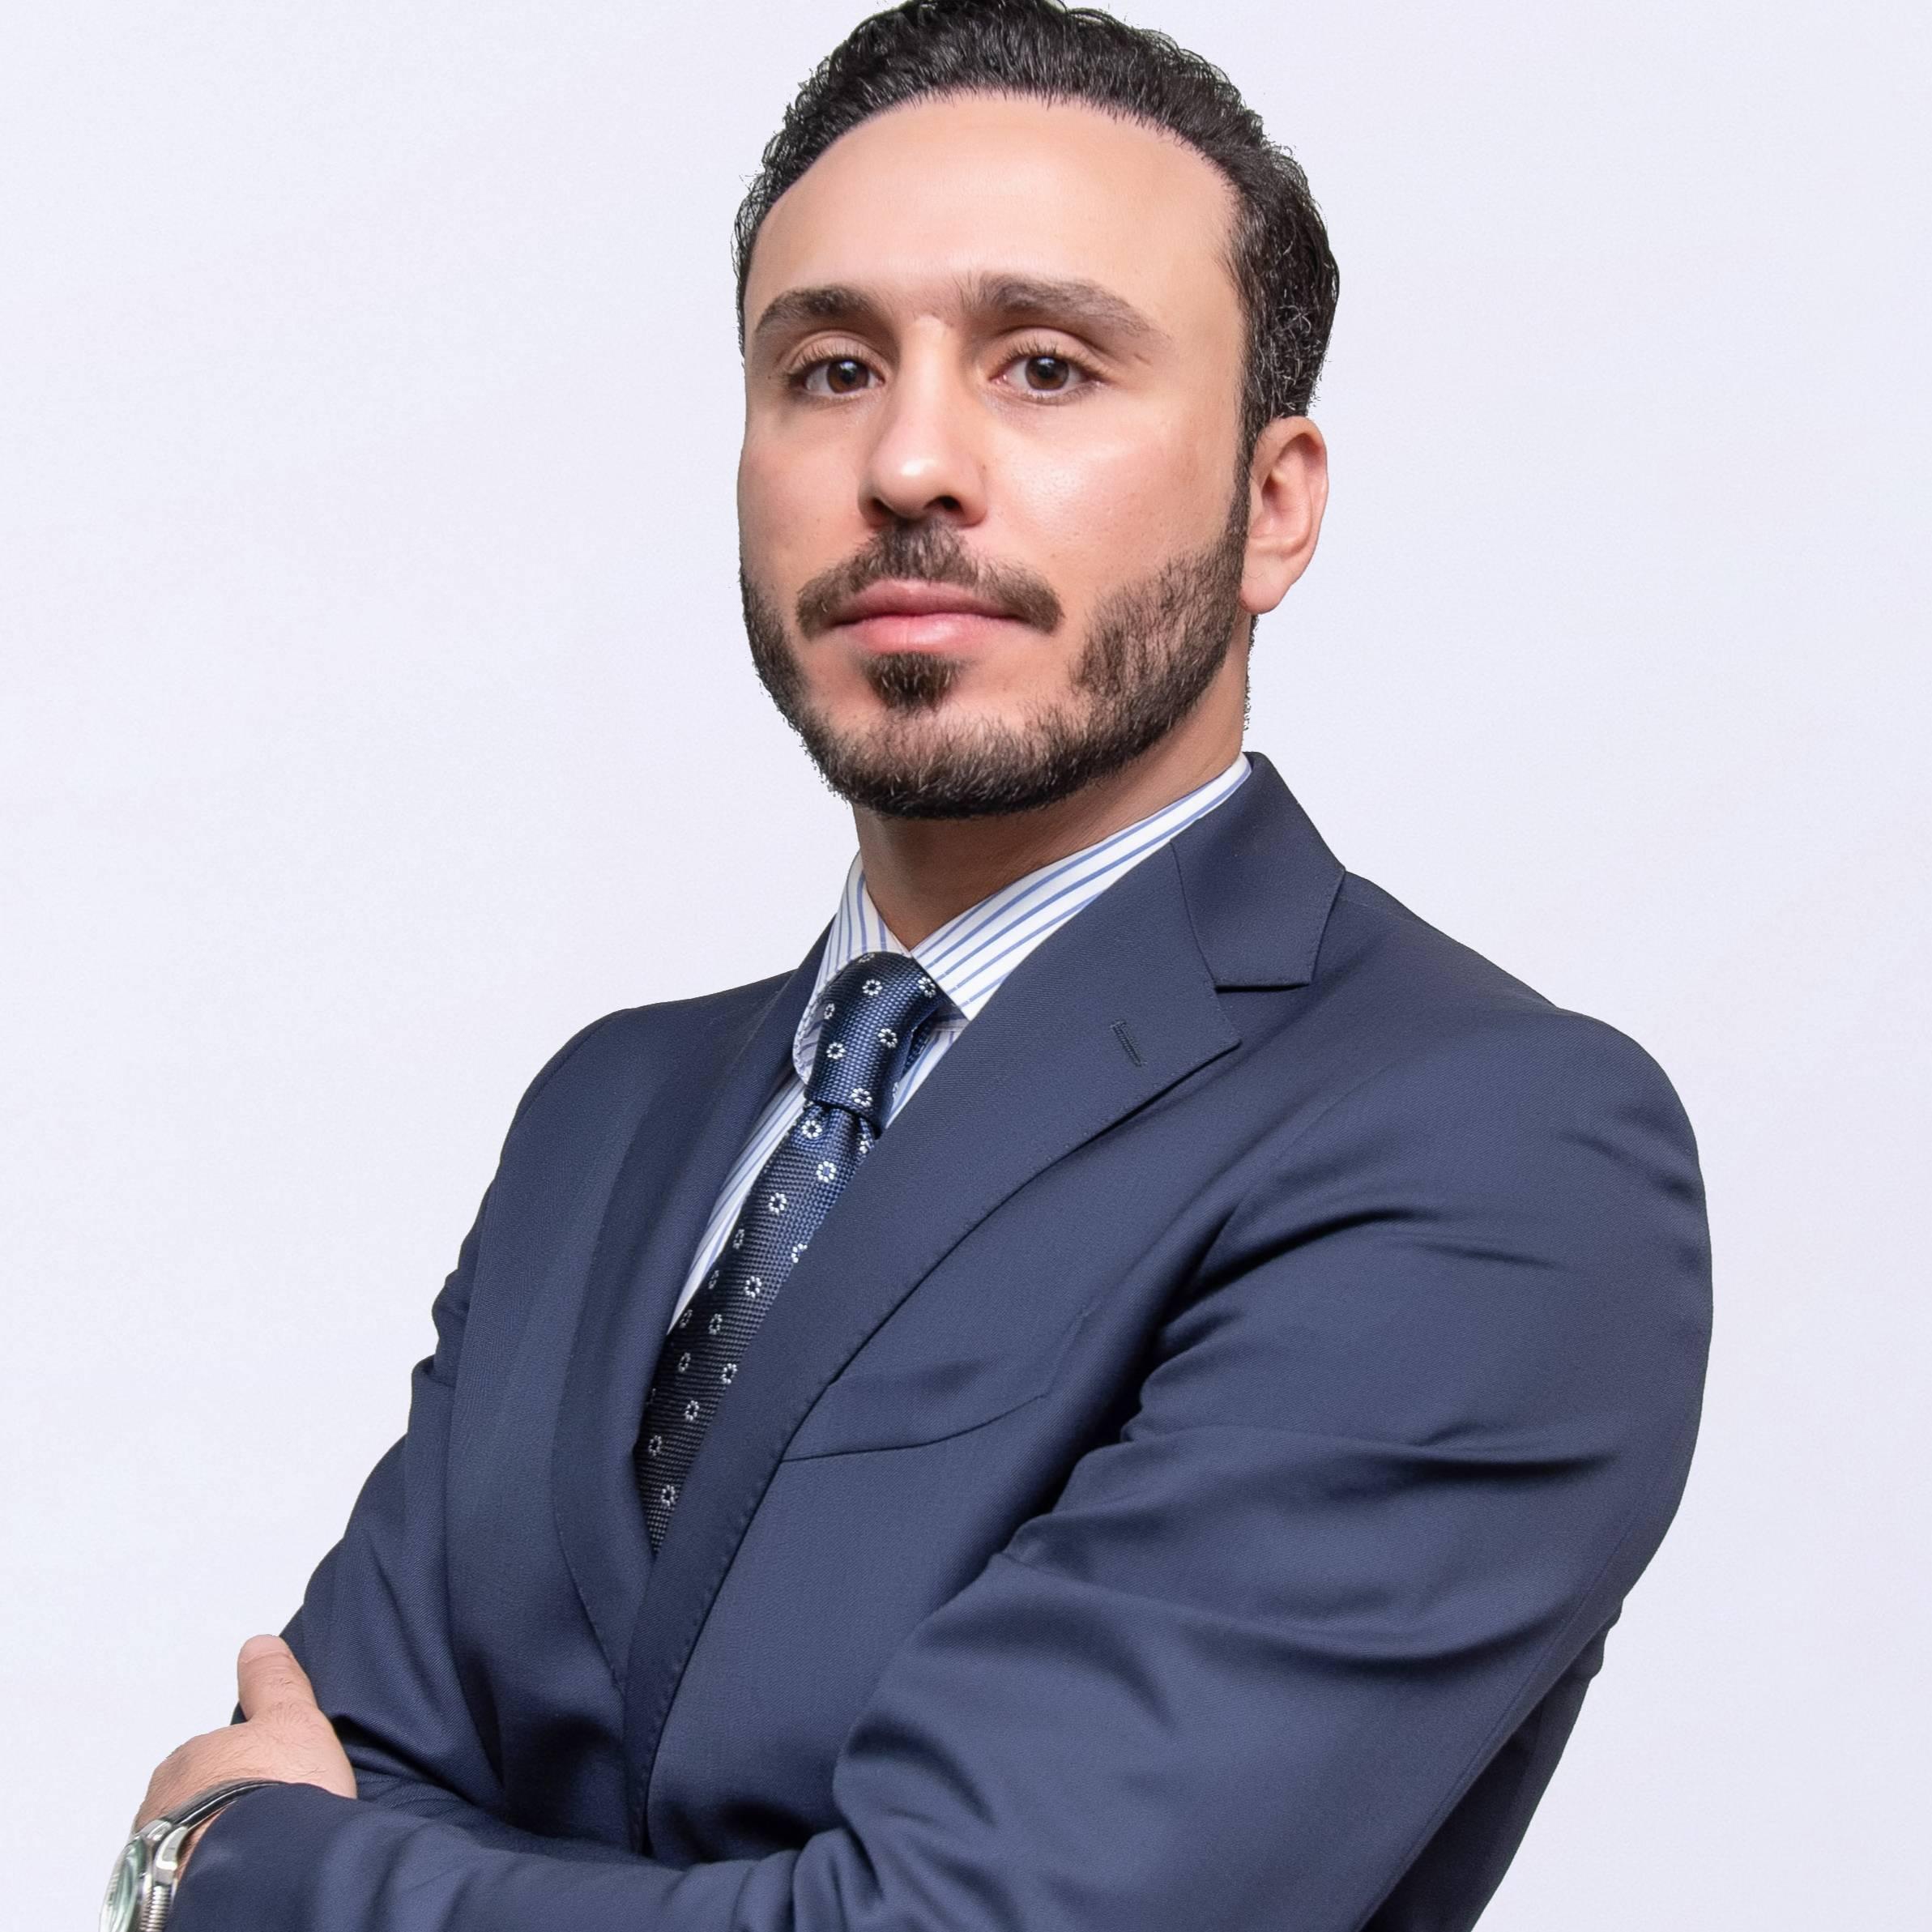 Omar Naguib